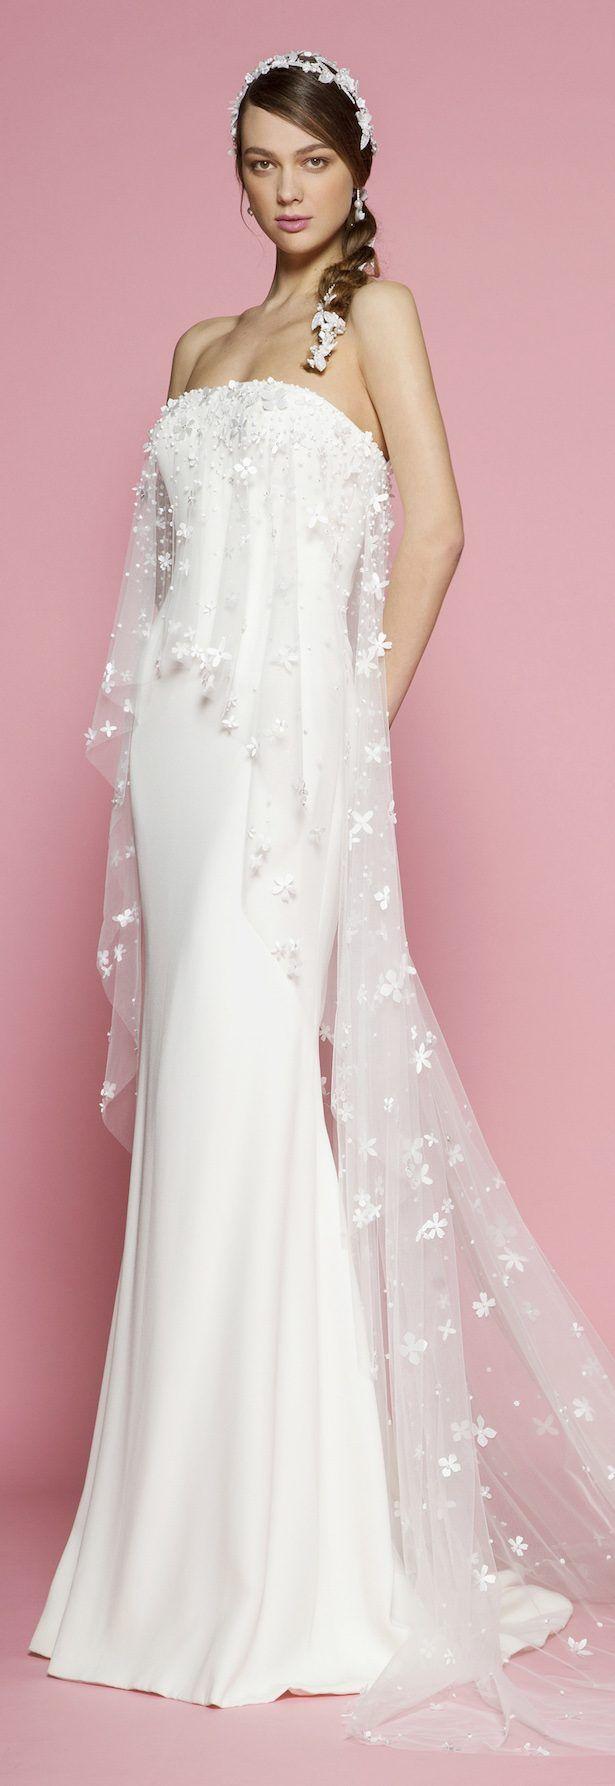 Pin de Đàm Bùi en váy cưới | Pinterest | Vestidos de novia, Novios y ...